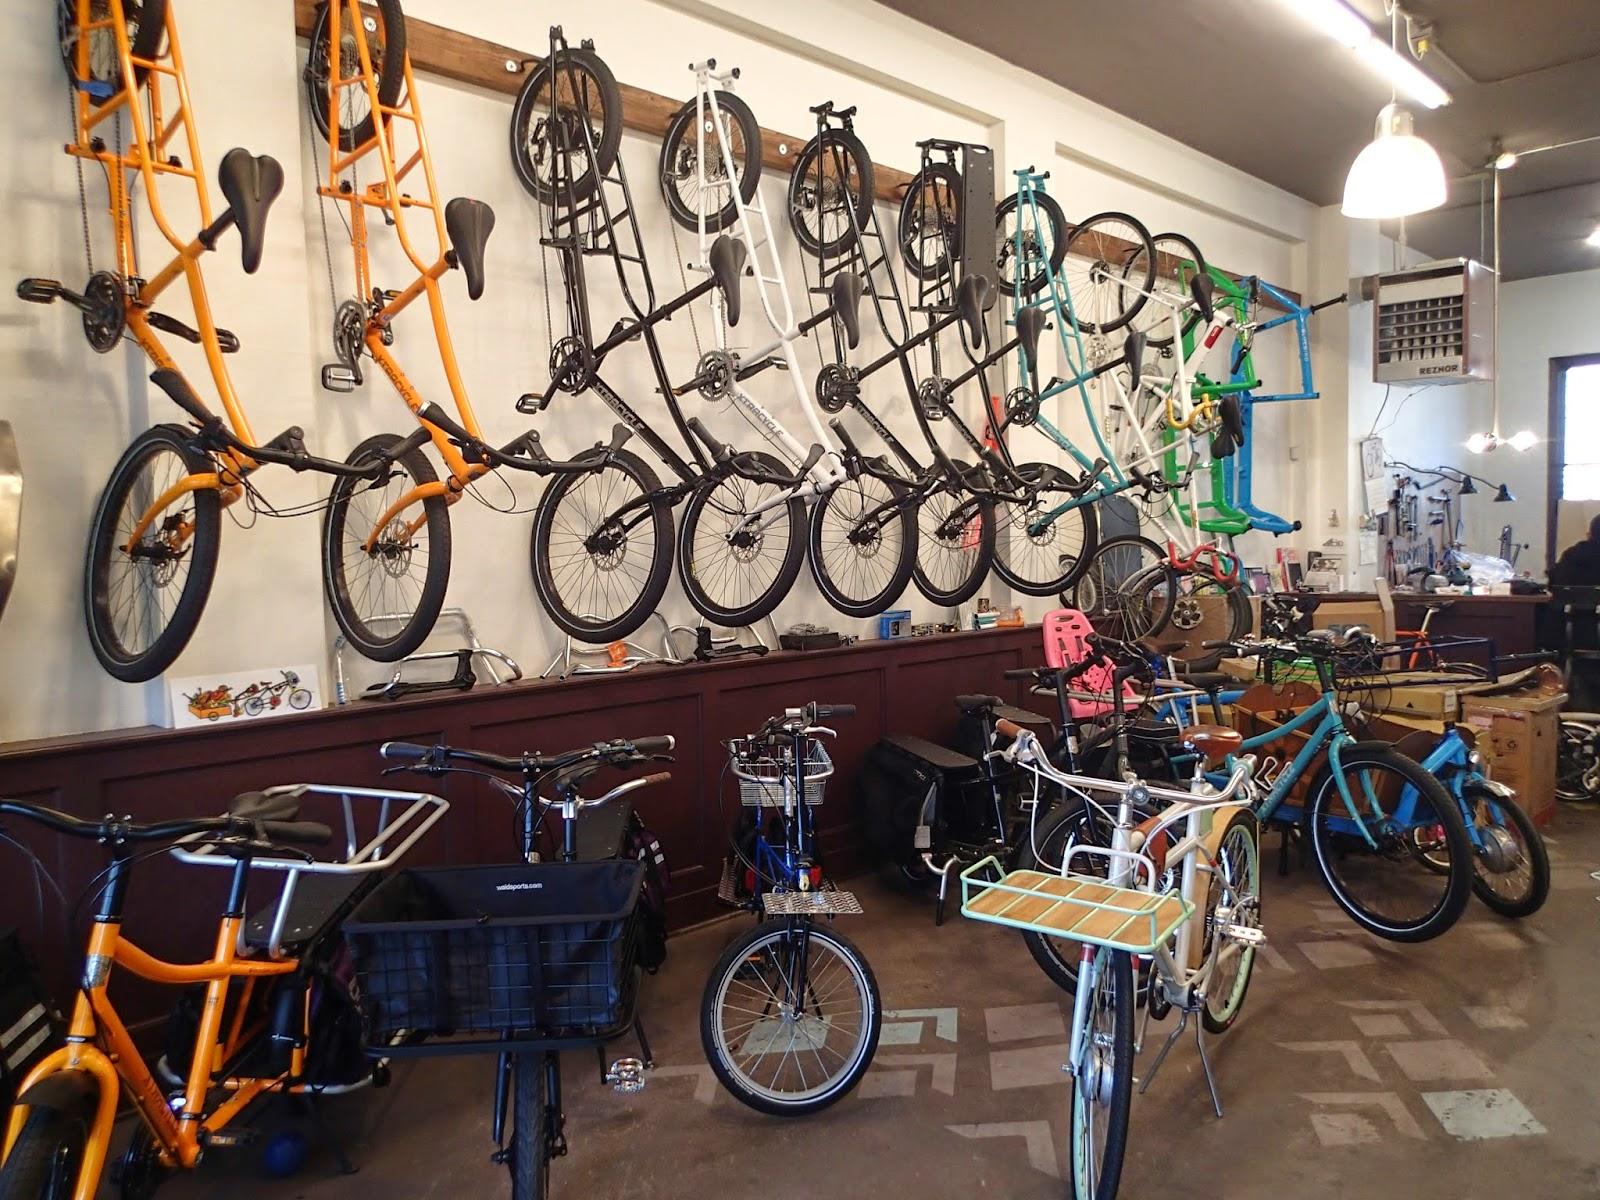 Kent's Bike Blog: November 2014 on